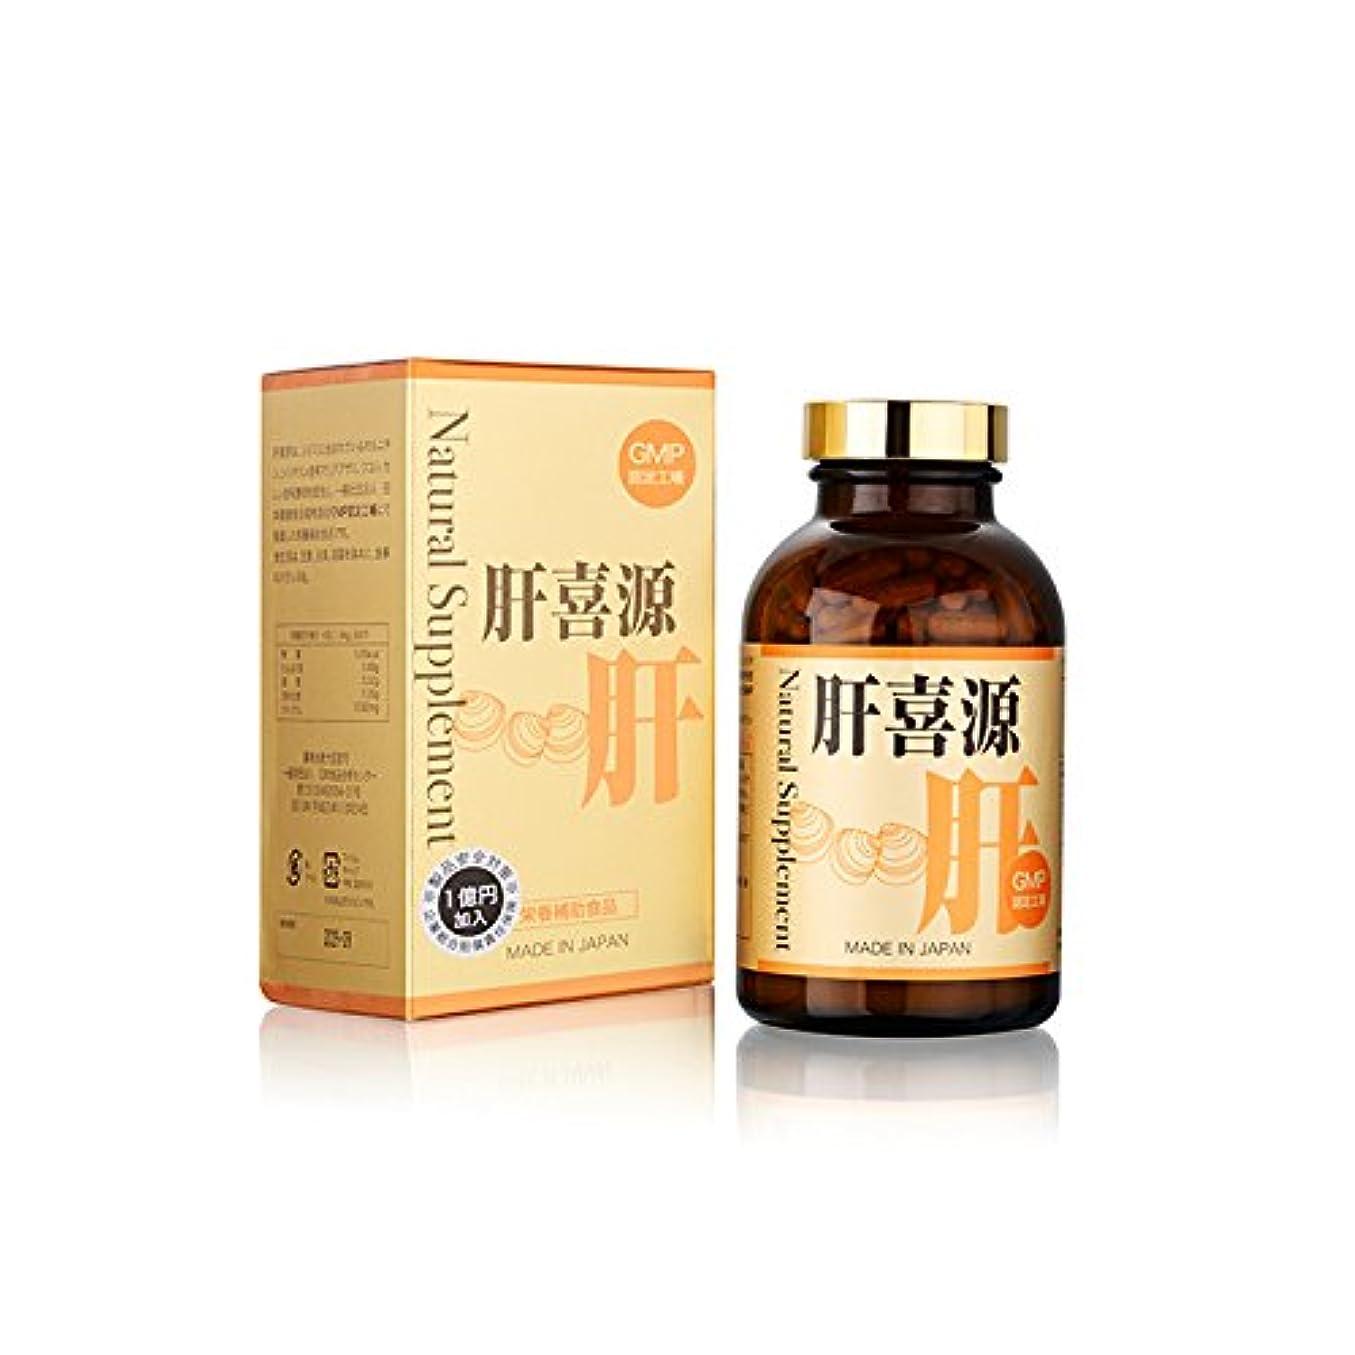 起こる分類する法的ナチュラルサプリメント 肝喜源 肝 360粒